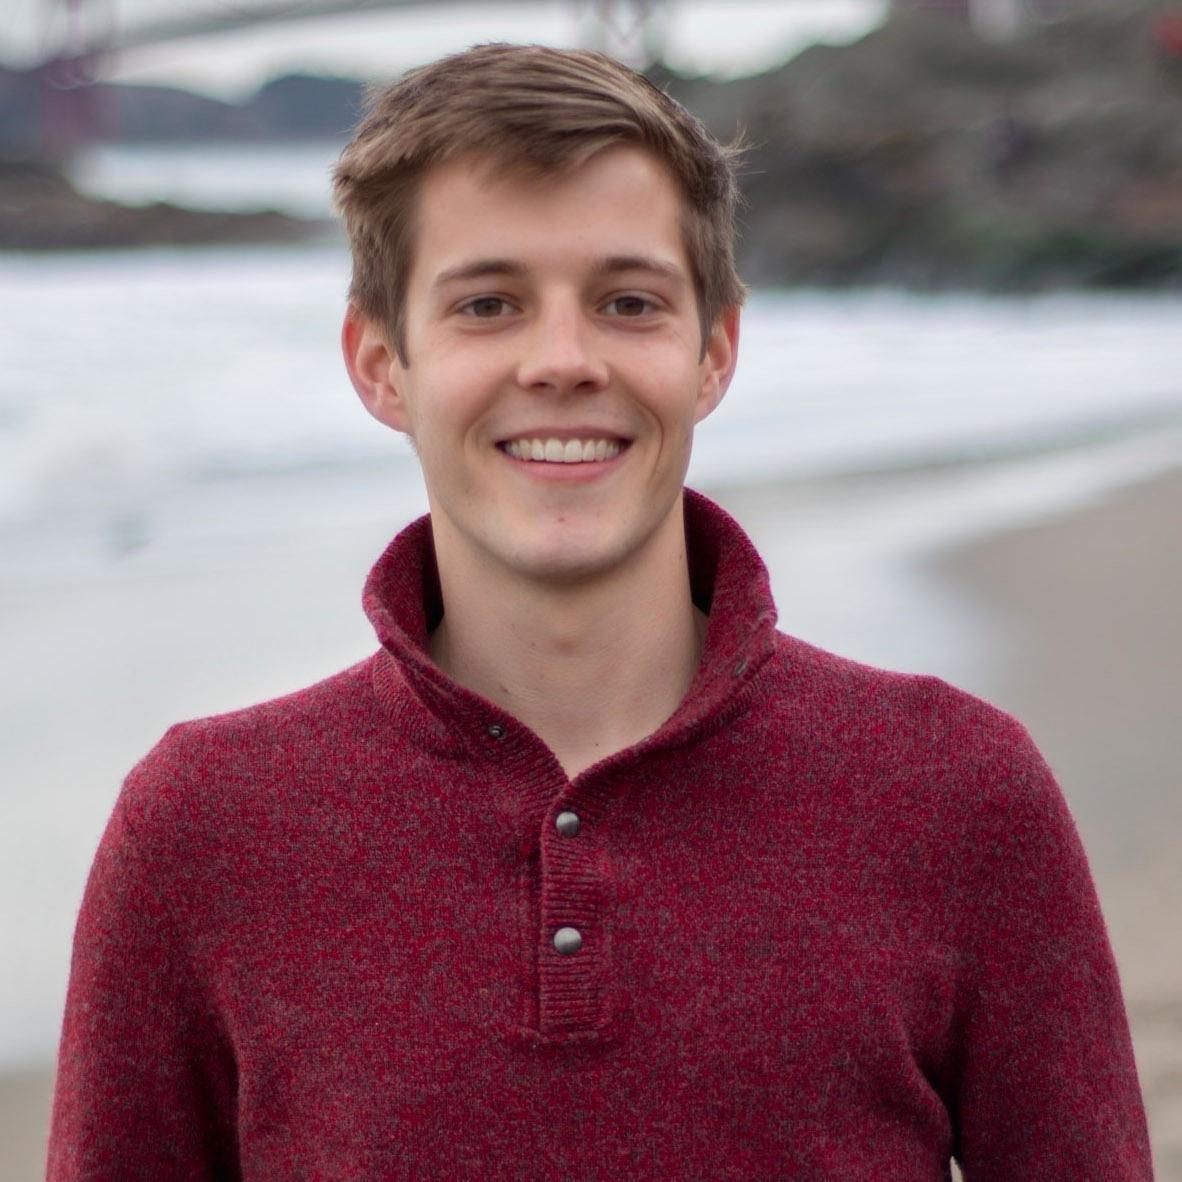 Andrew Hess